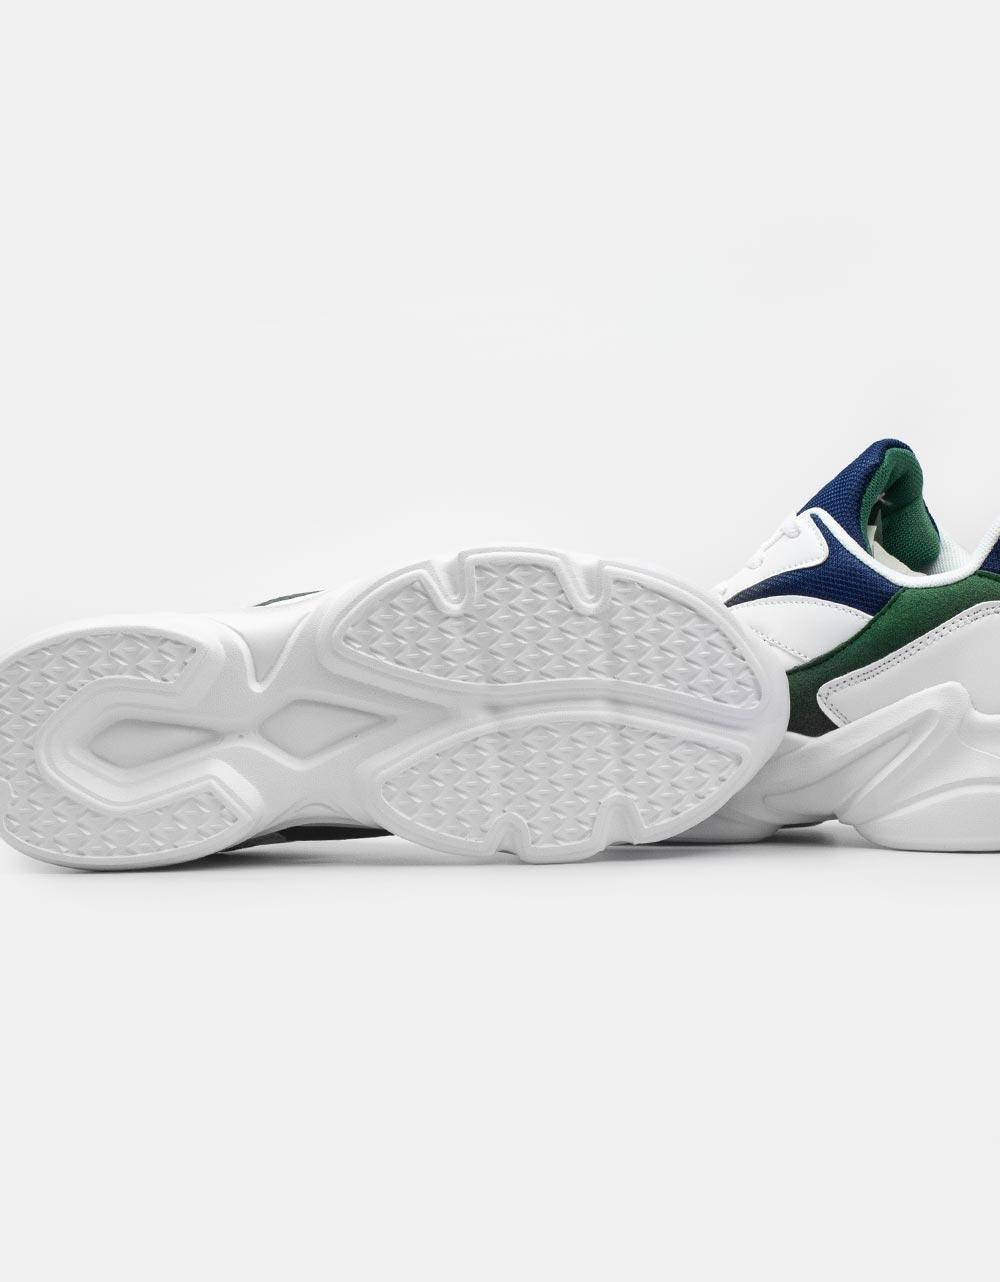 Εικόνα από Ανδρικά sneakers με ανάγλυφες λεπτομέρειες Λευκό/Μπλε